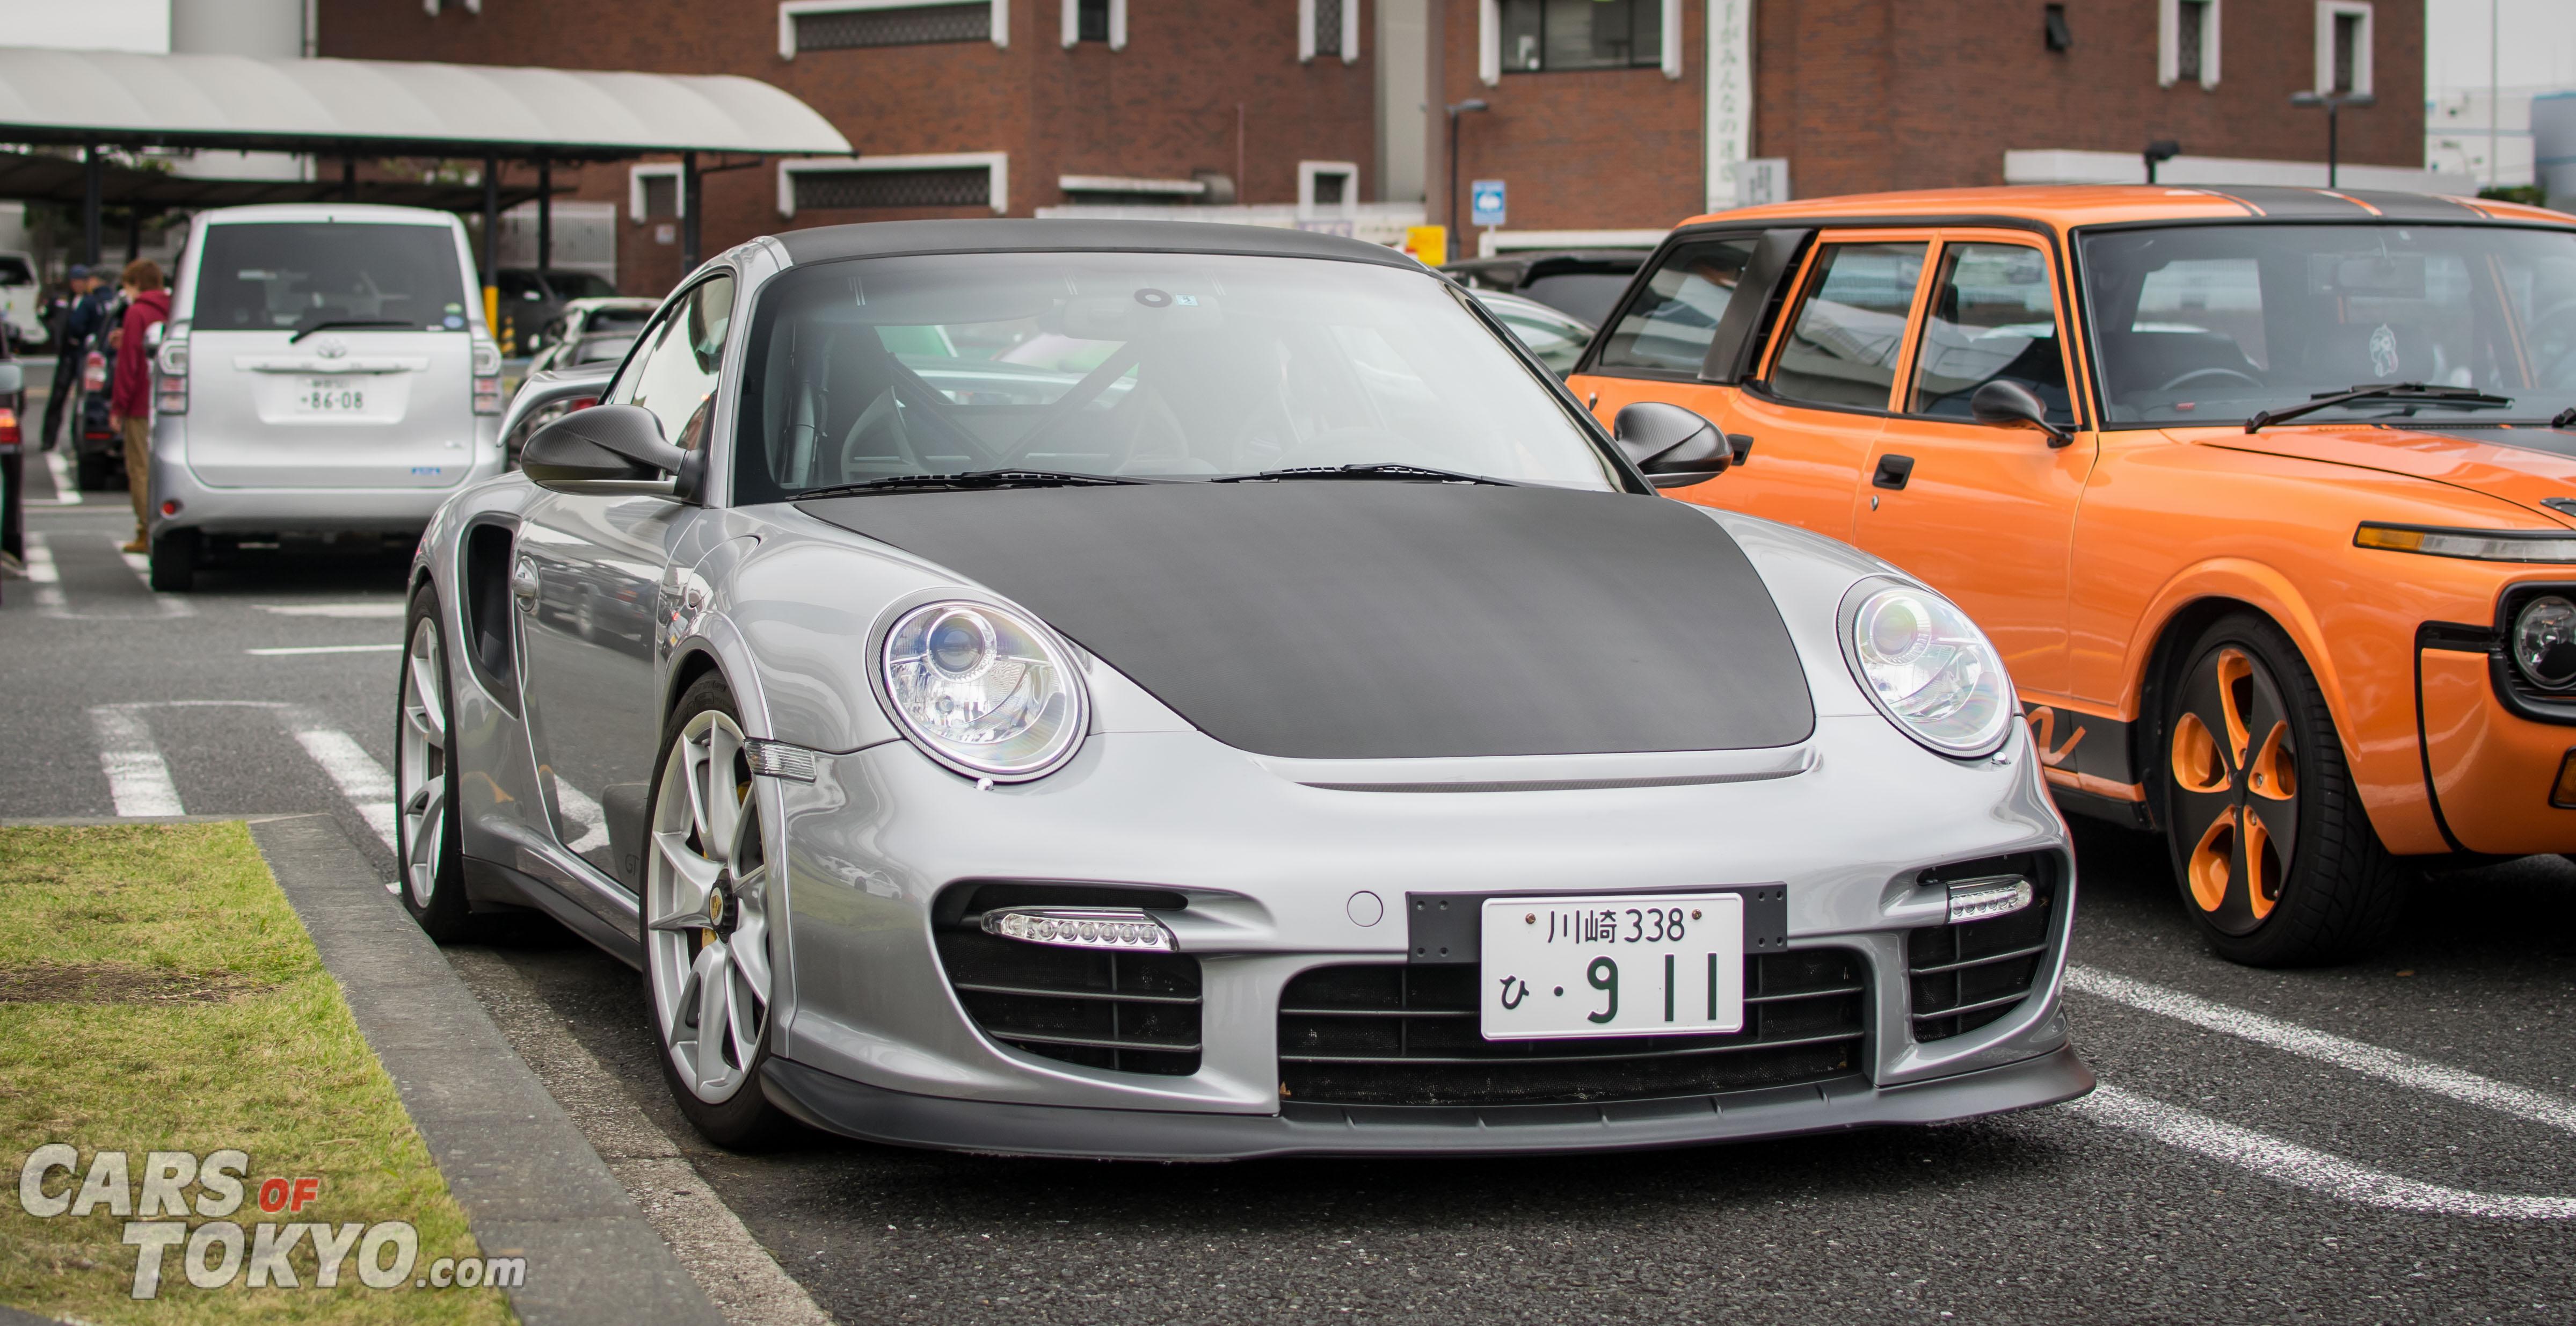 Cars of Tokyo Porsche 911 GT2 RS